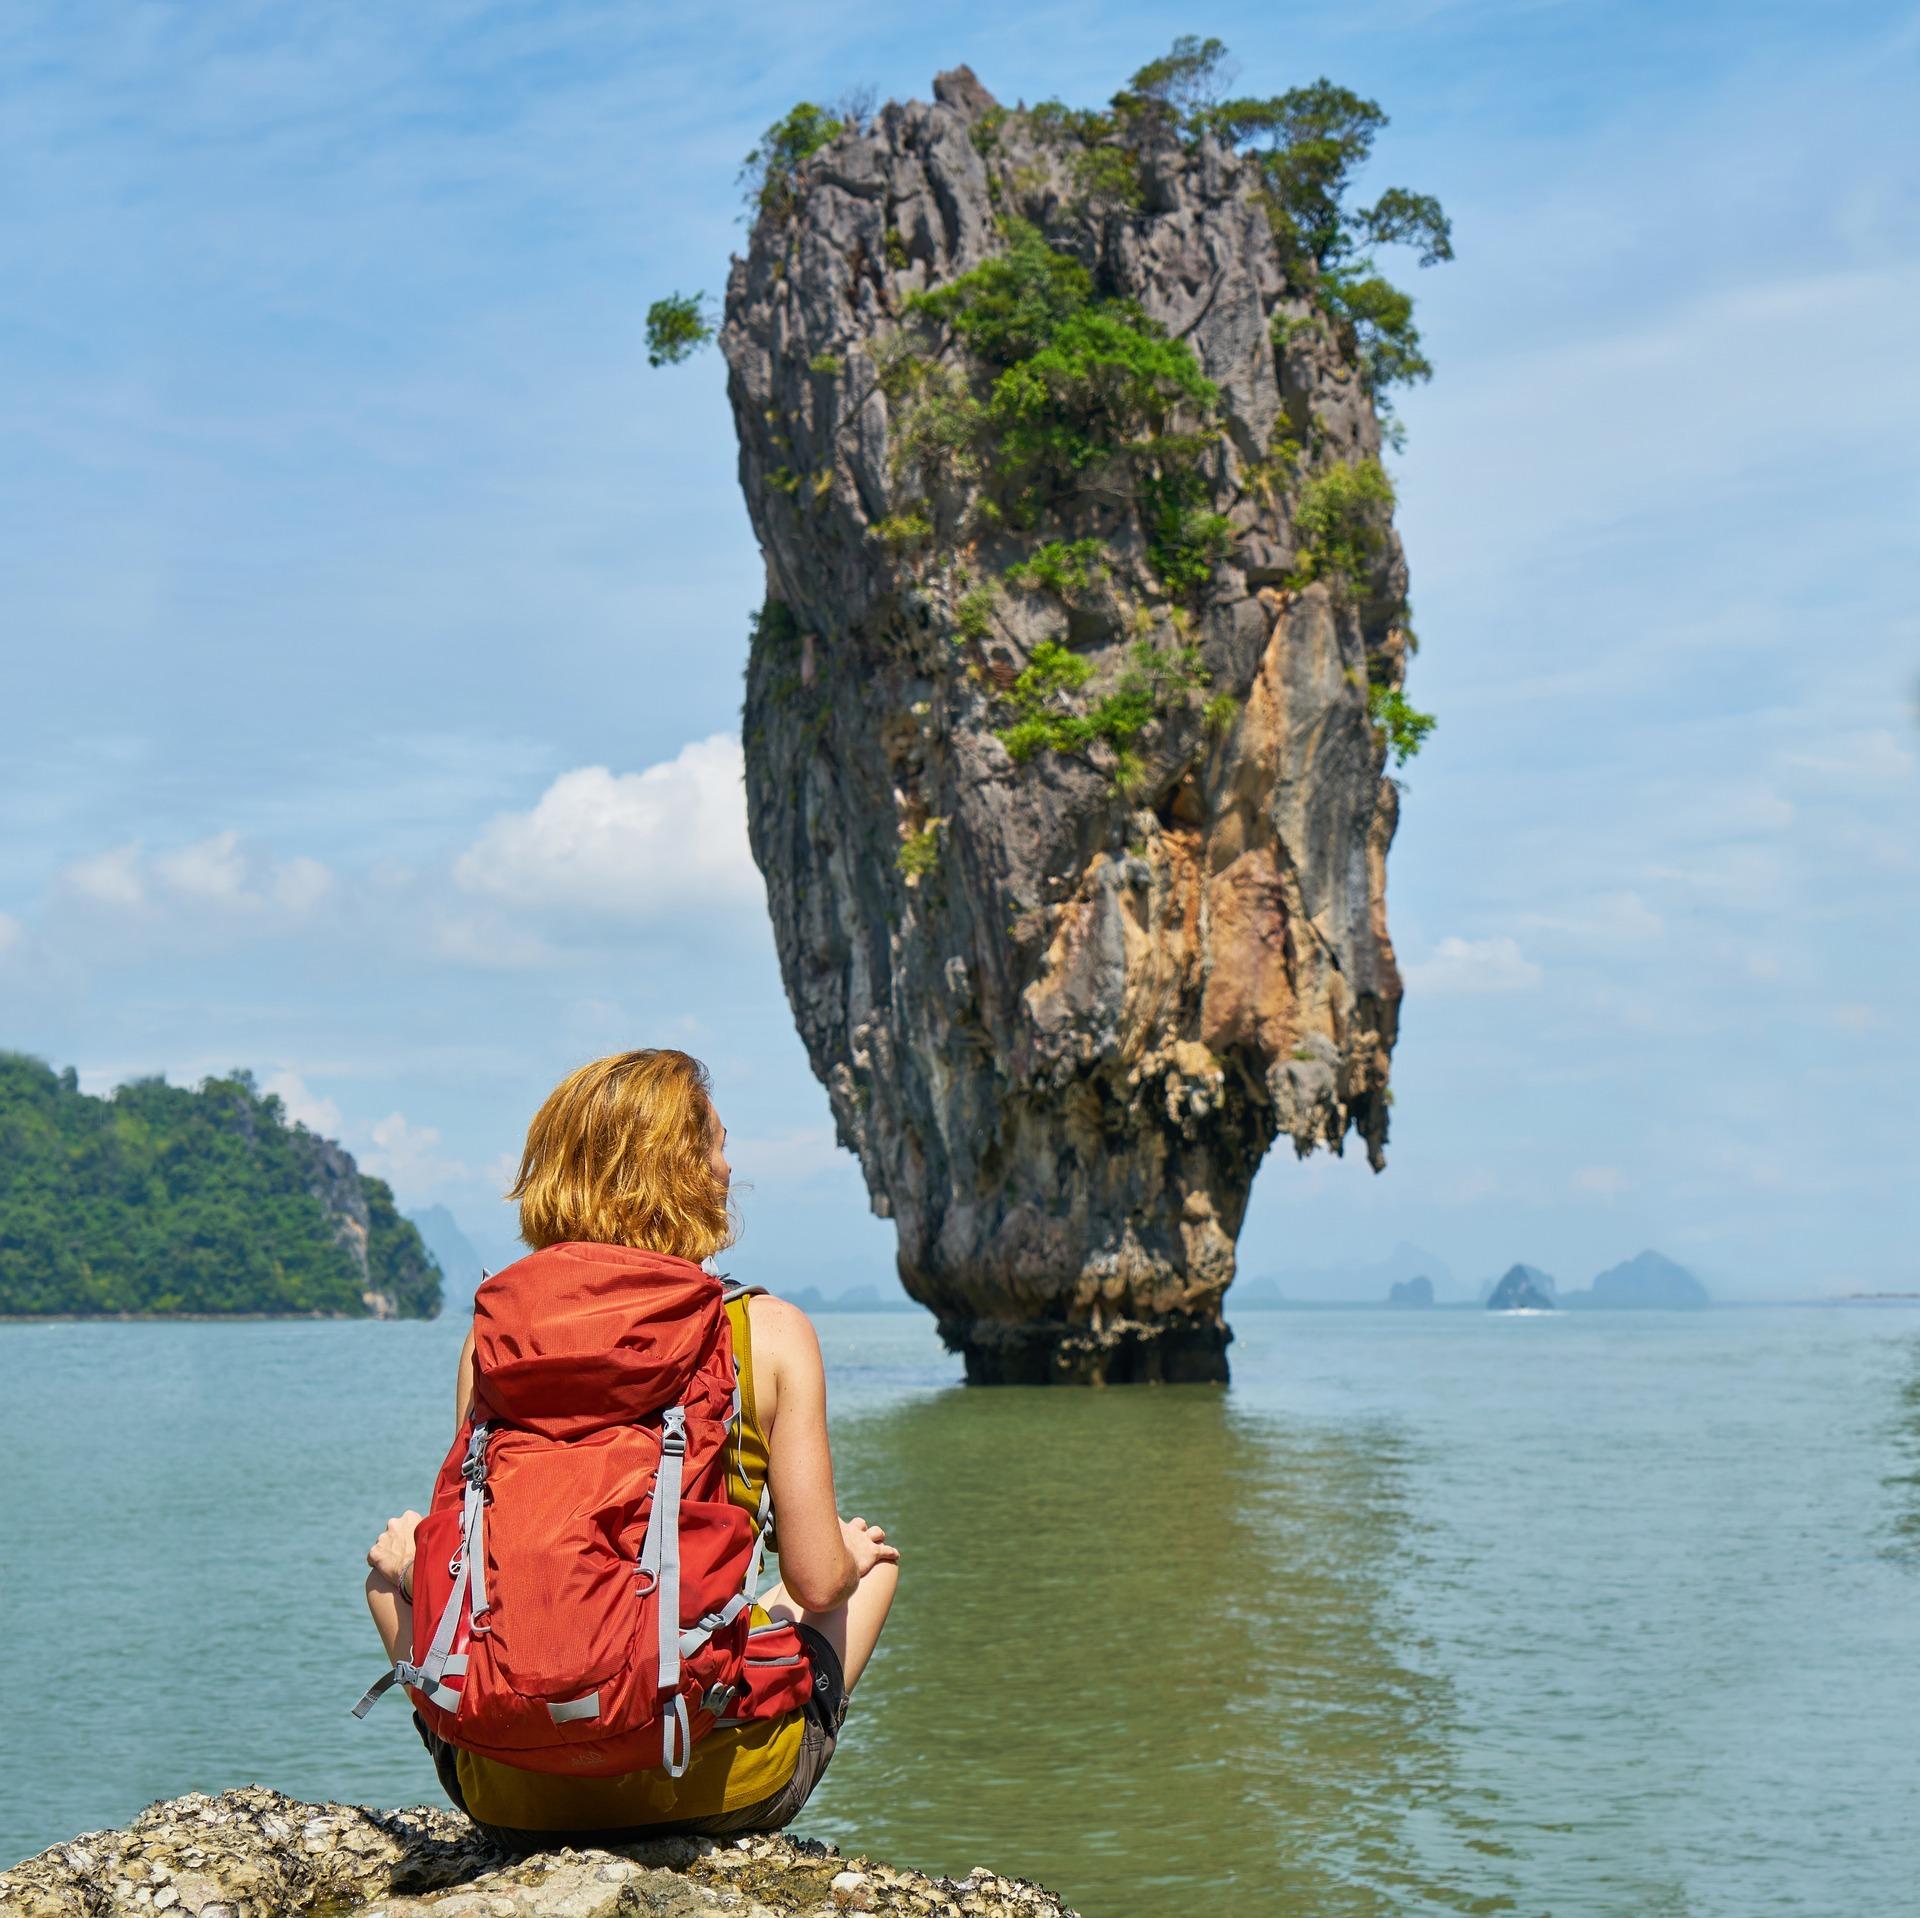 uma mulher com mochila sentada numa praia da Tailândia